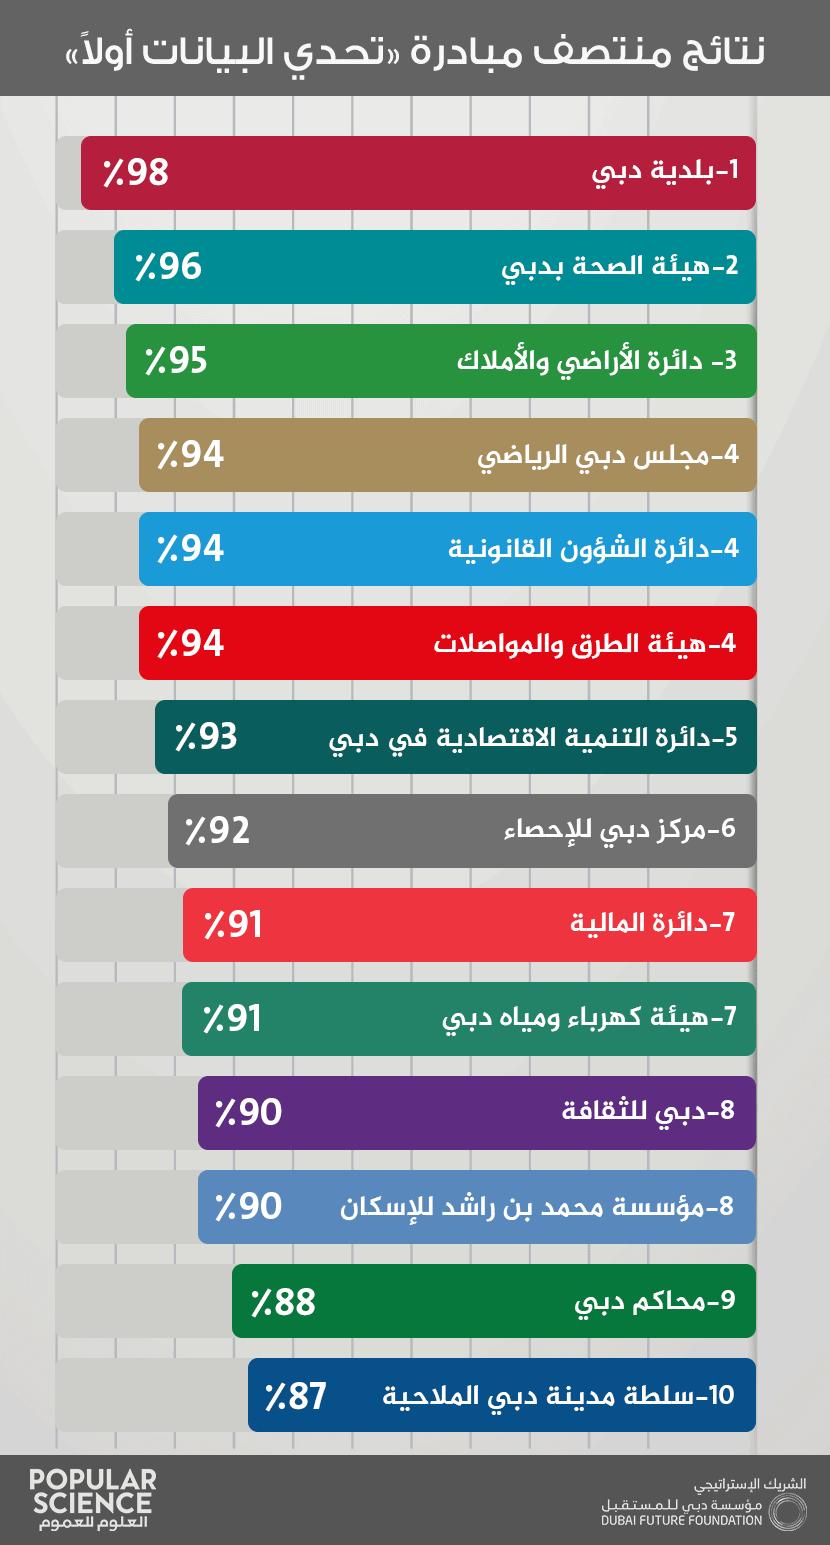 دبي الذكية, مدن ذكية, تحدي البيانات